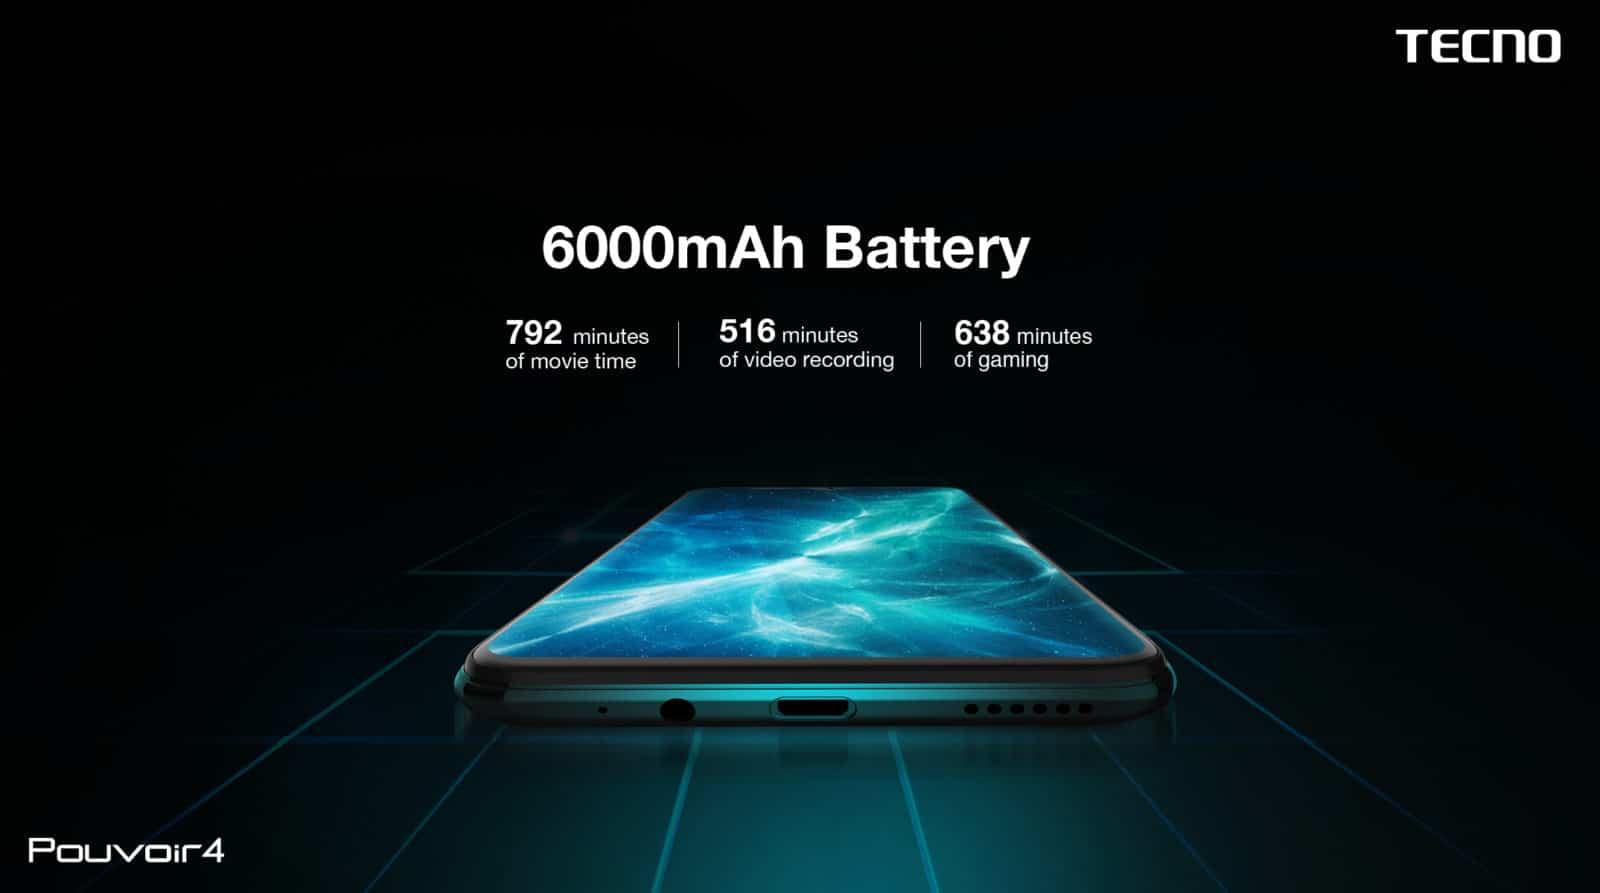 Tecno Pouvoir 4 стал первым смартфоном получивший бета-версию Android 11 (6000mah battery t)